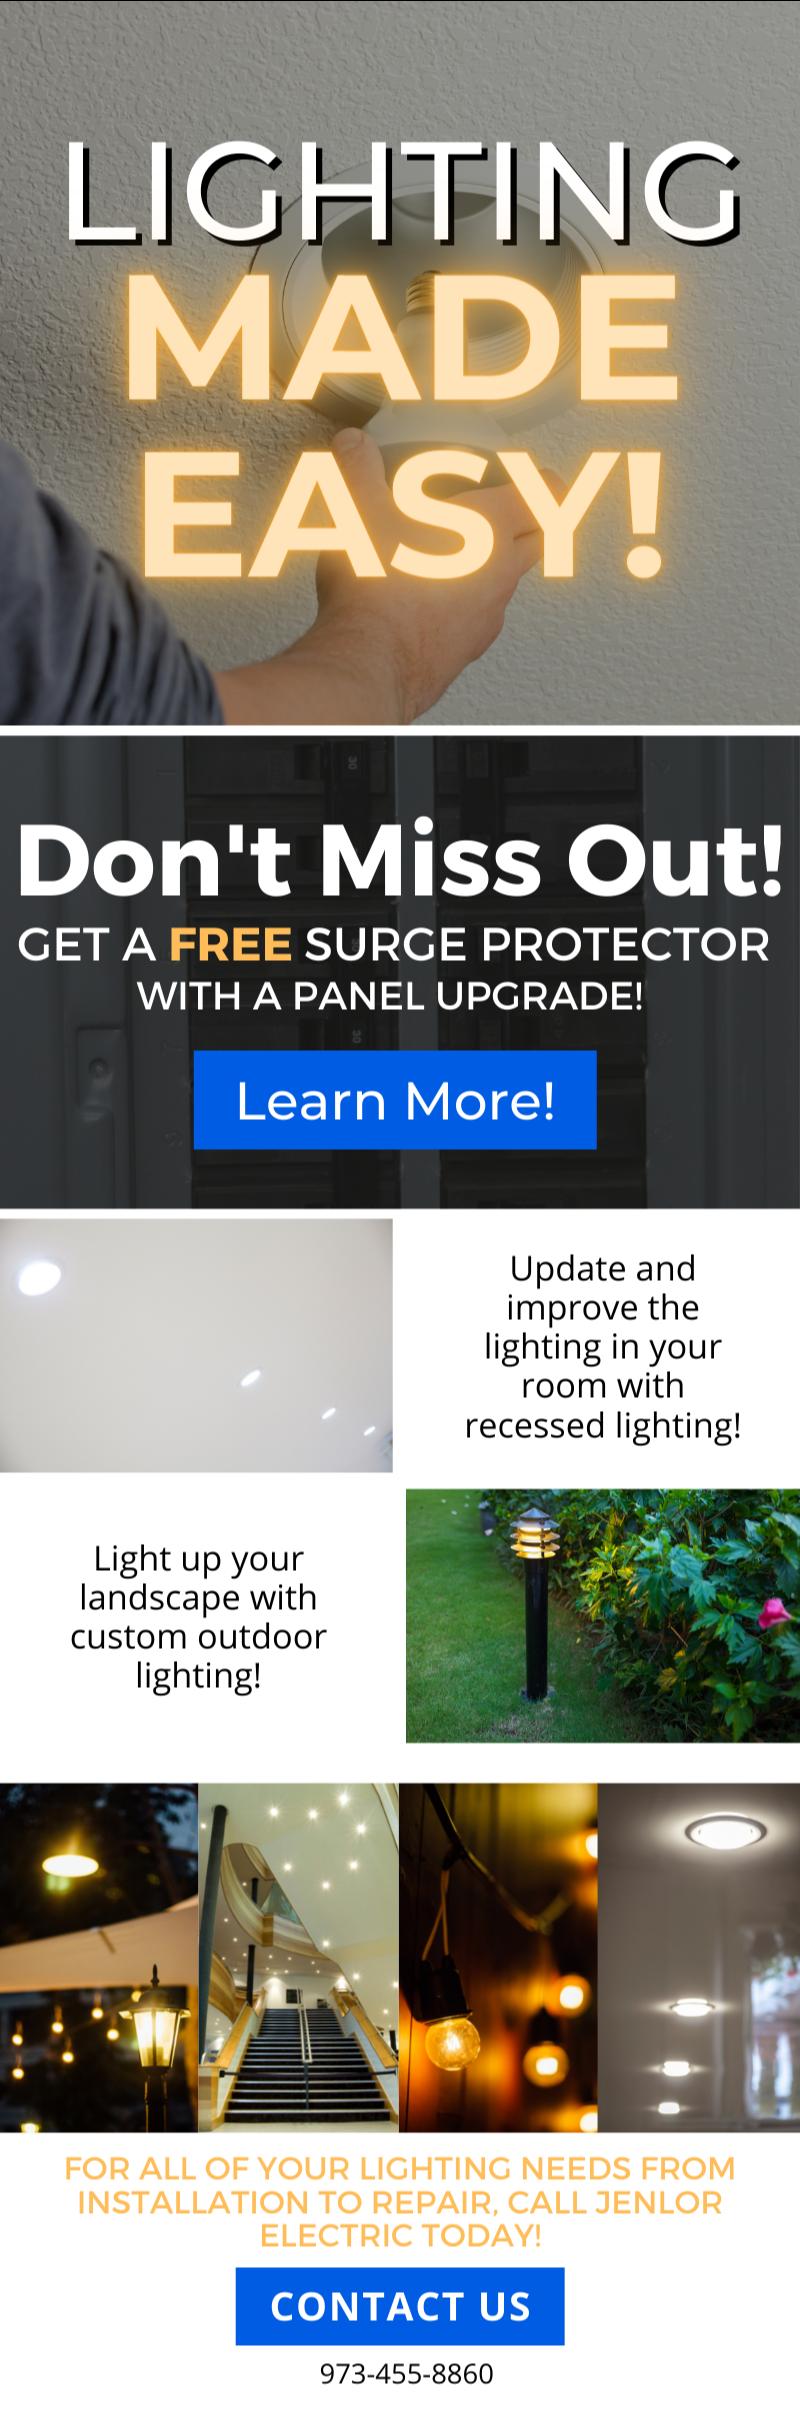 Lighting Made Easy! 3